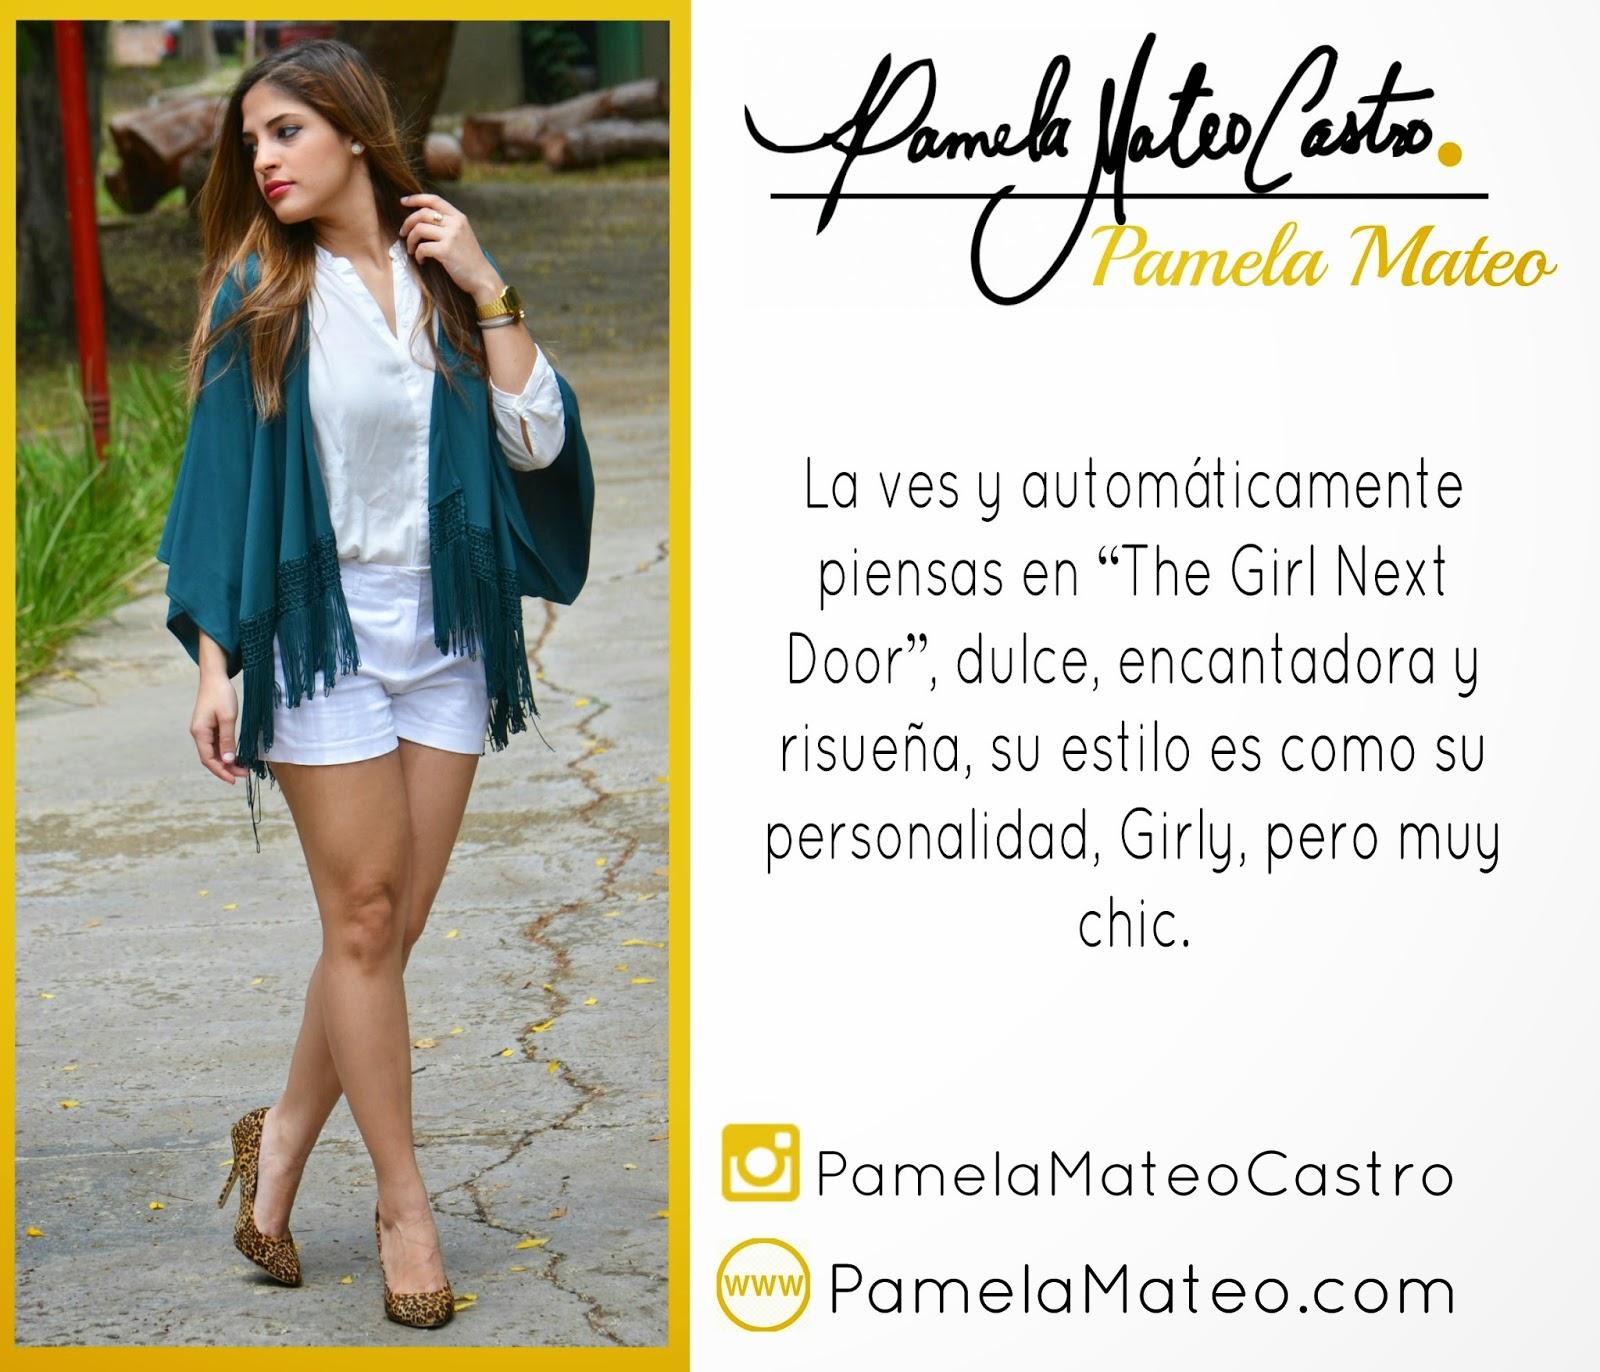 http://pamelamateo.com/